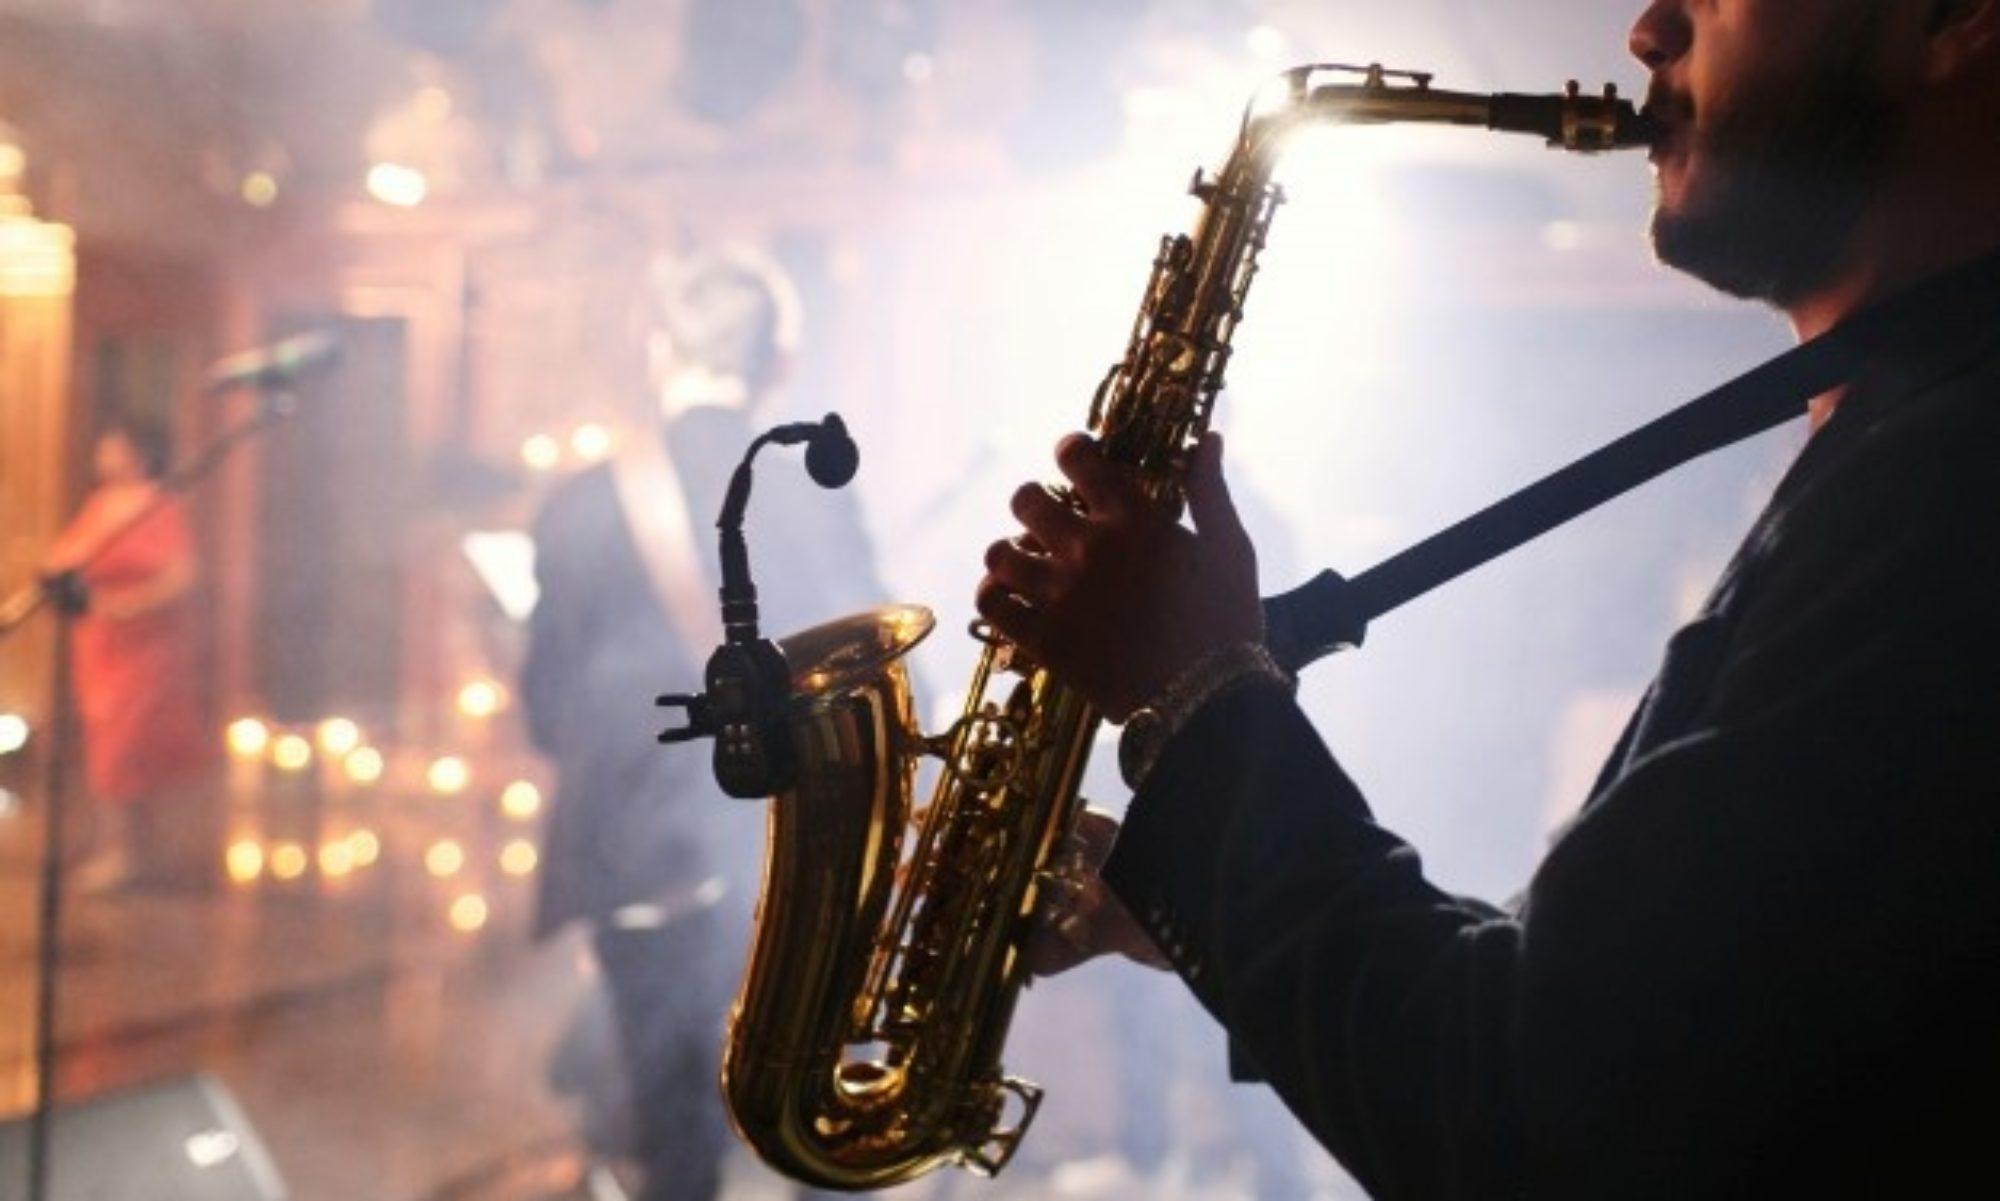 豊かな音楽人生を♪音楽教室バップジャズスクール